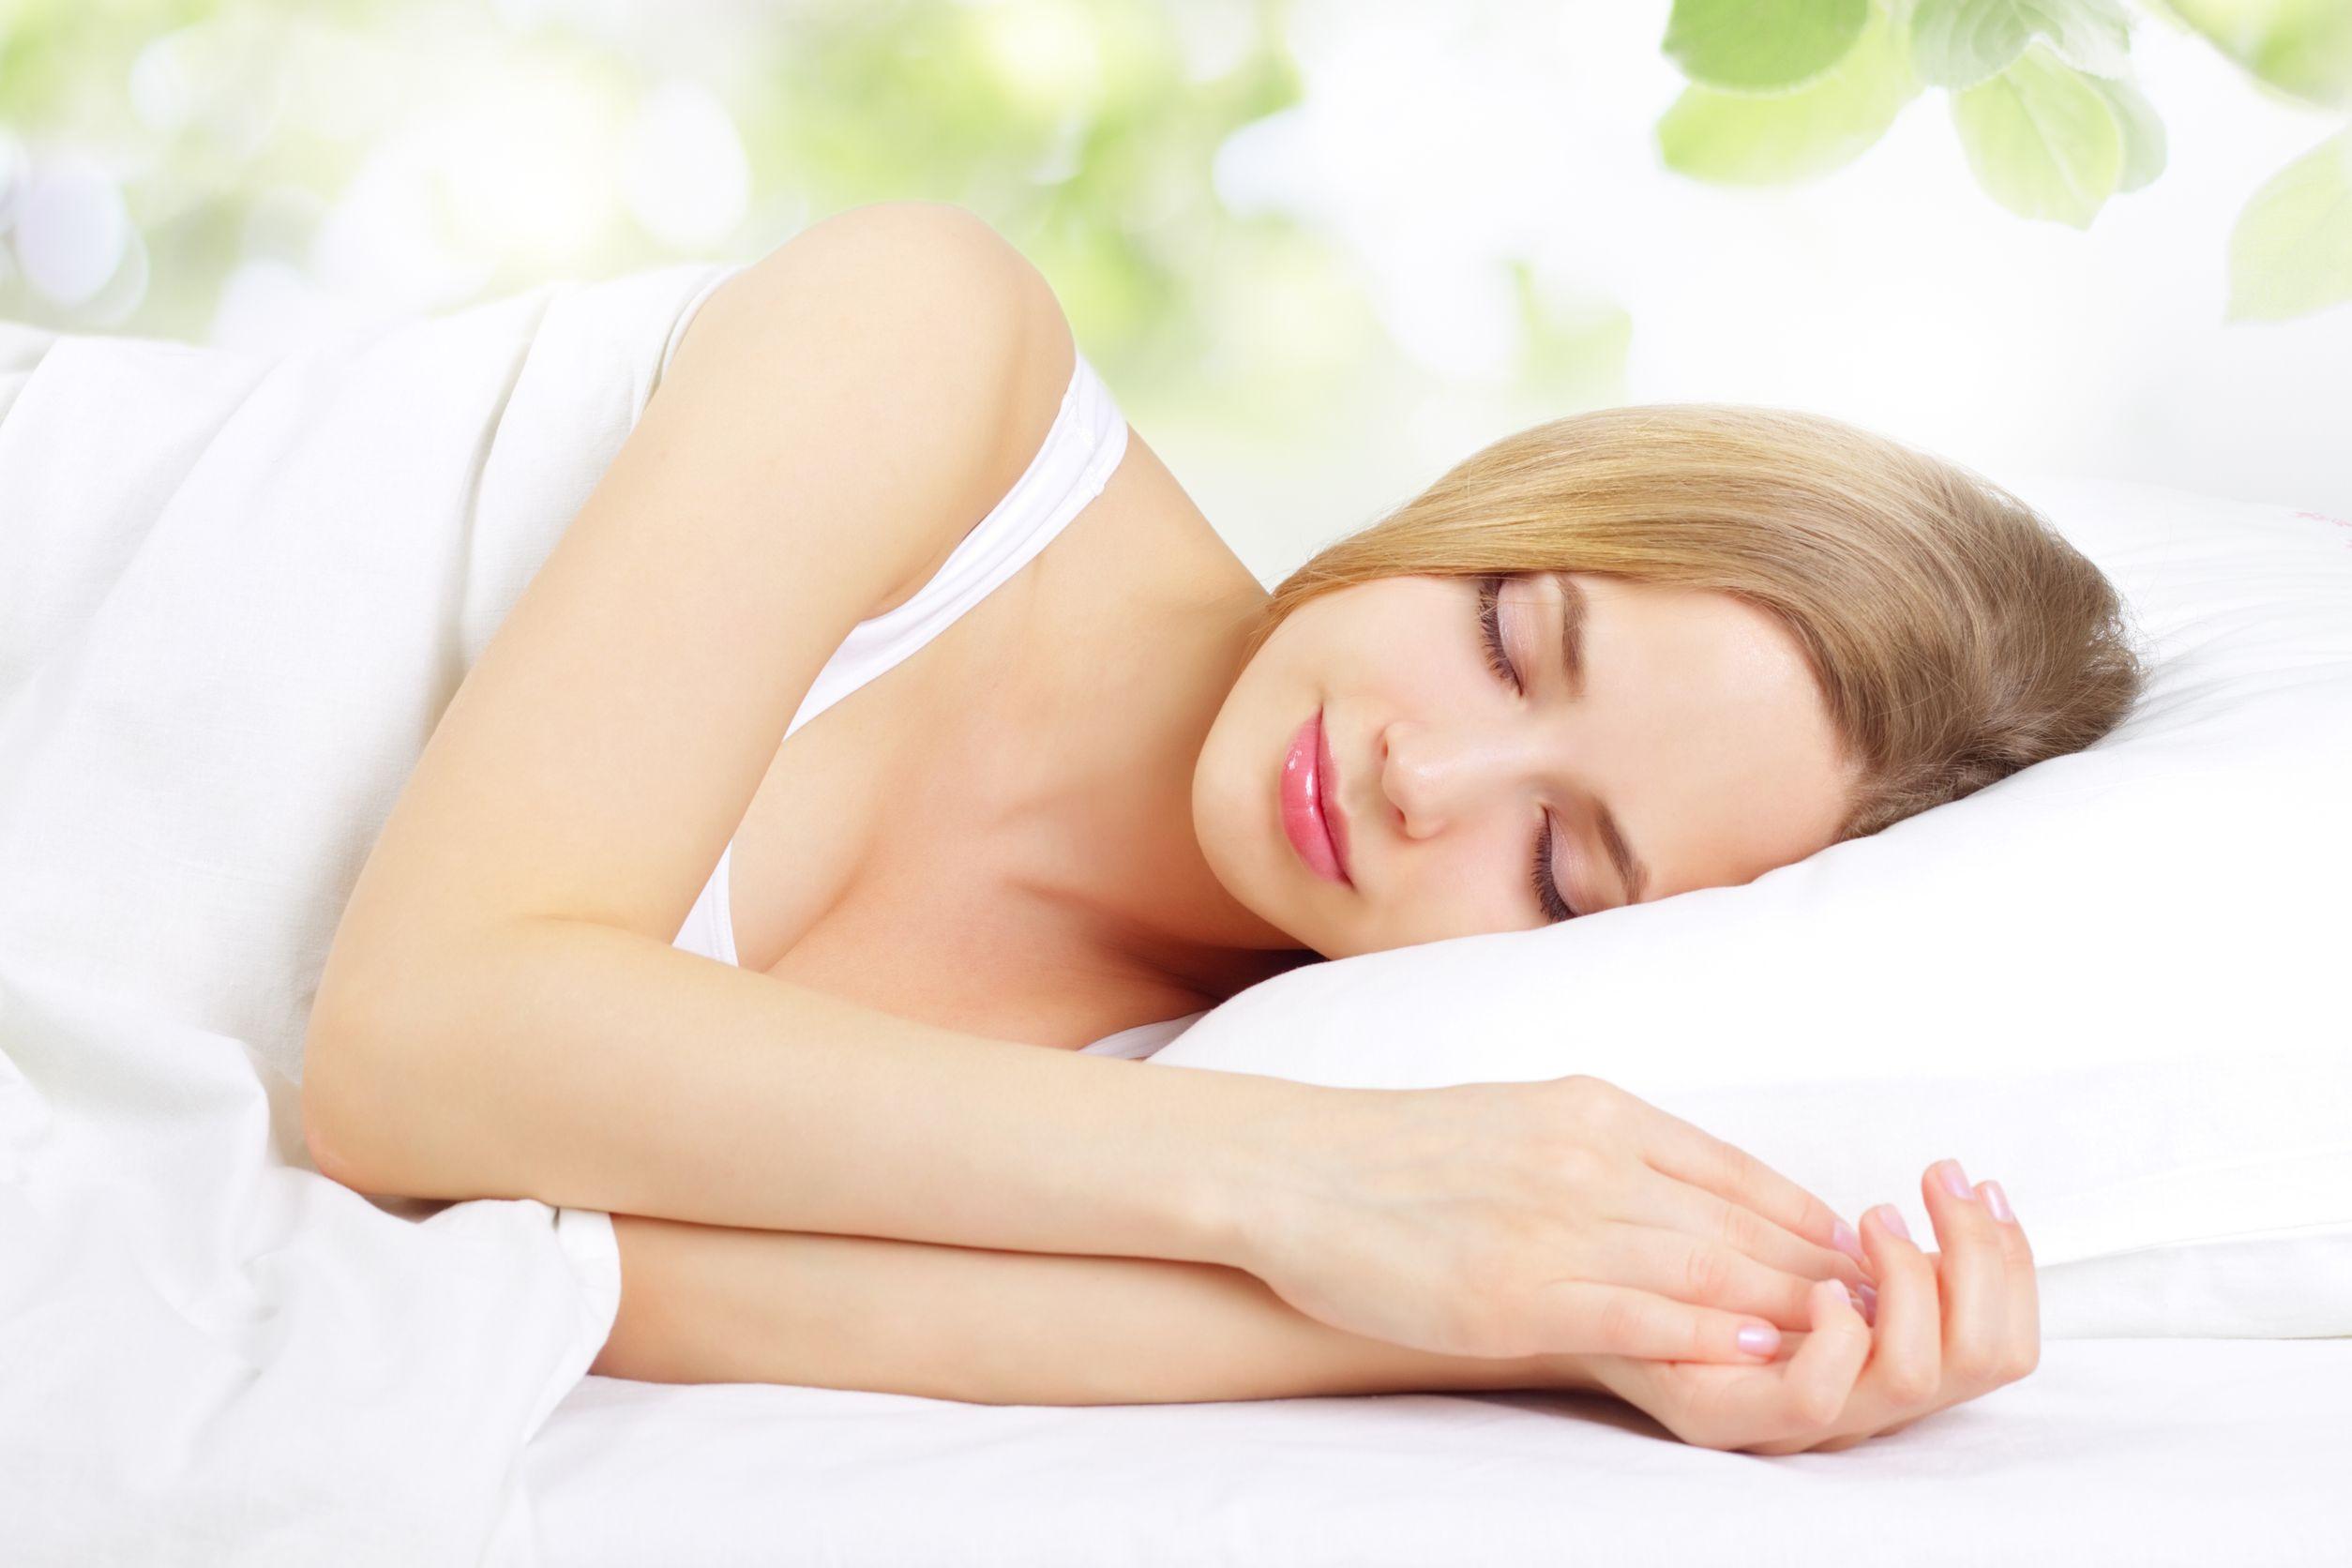 Ученые создали прибор, который несомненно поможет восстановить сон при стрессе